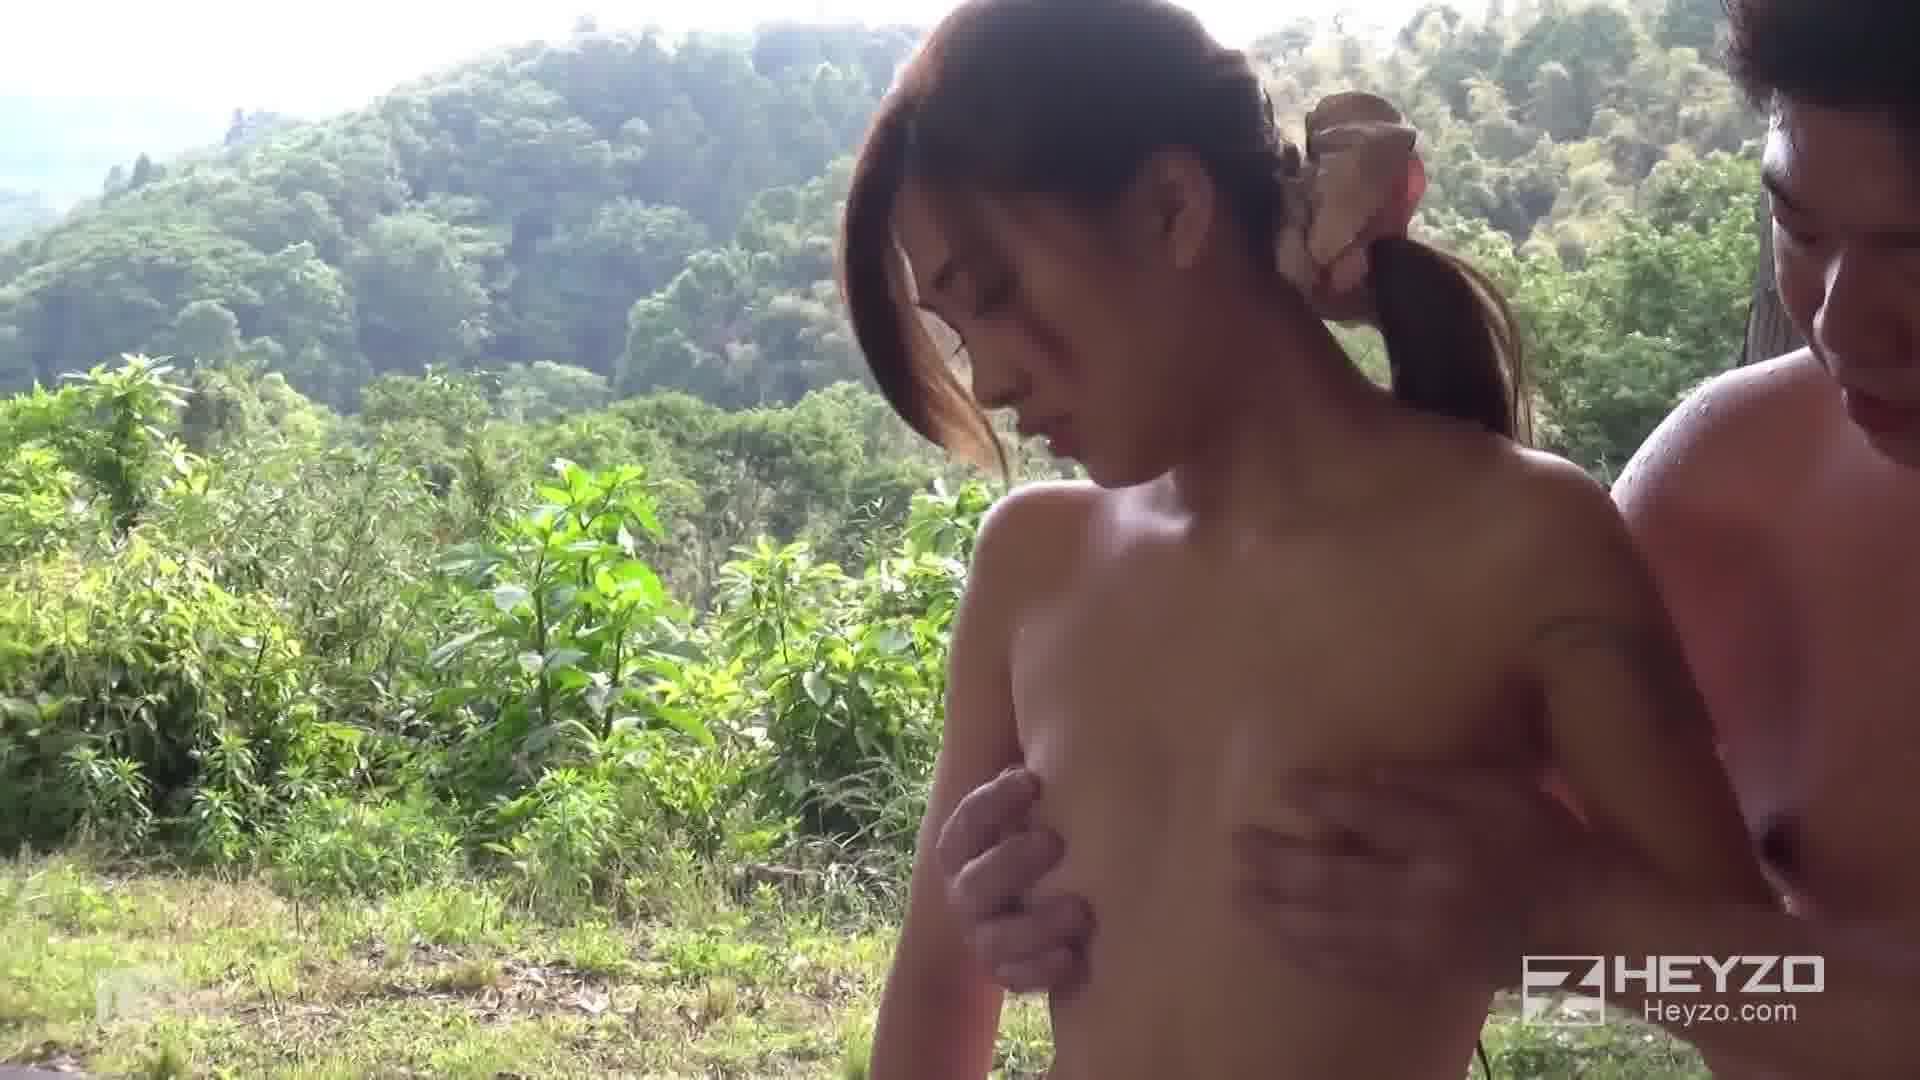 サマーヌード やりまくり浴衣デート - 堀口真希【手コキ・スレンダー・浴衣】